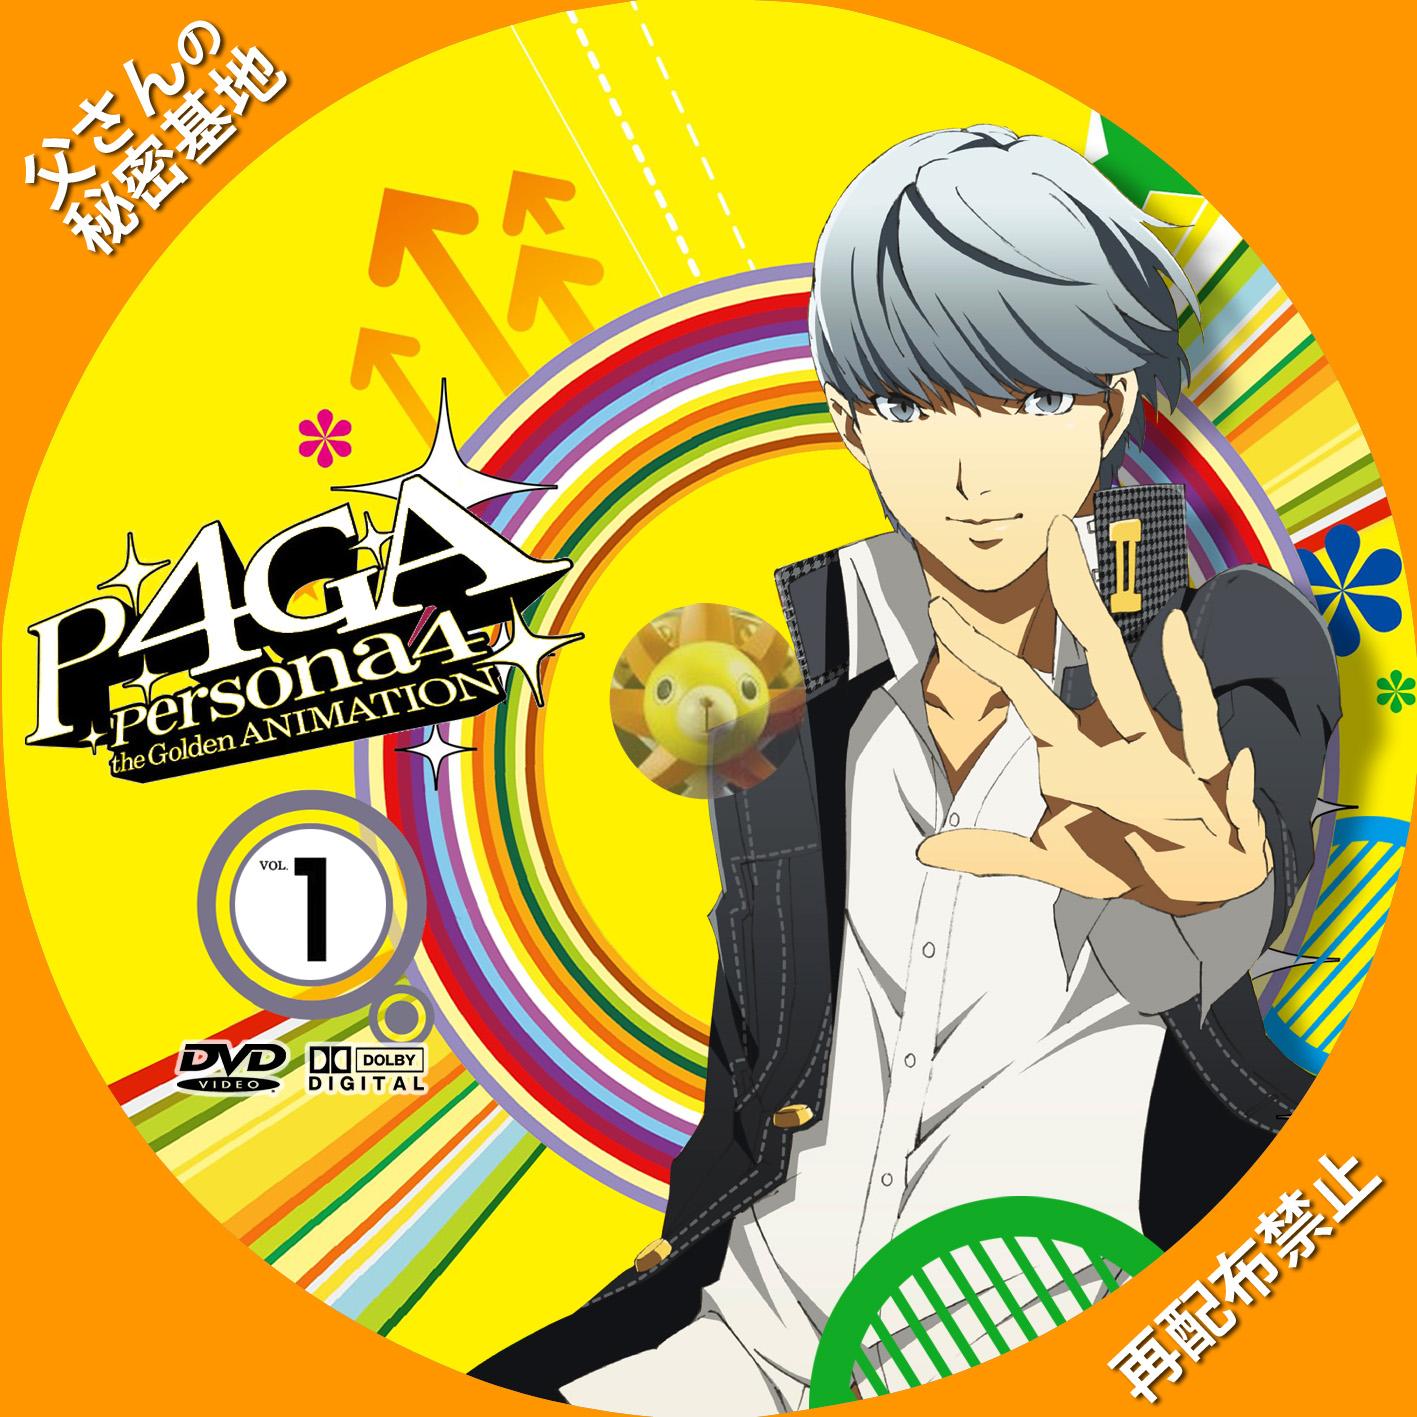 P4GA_DVD01B.jpg